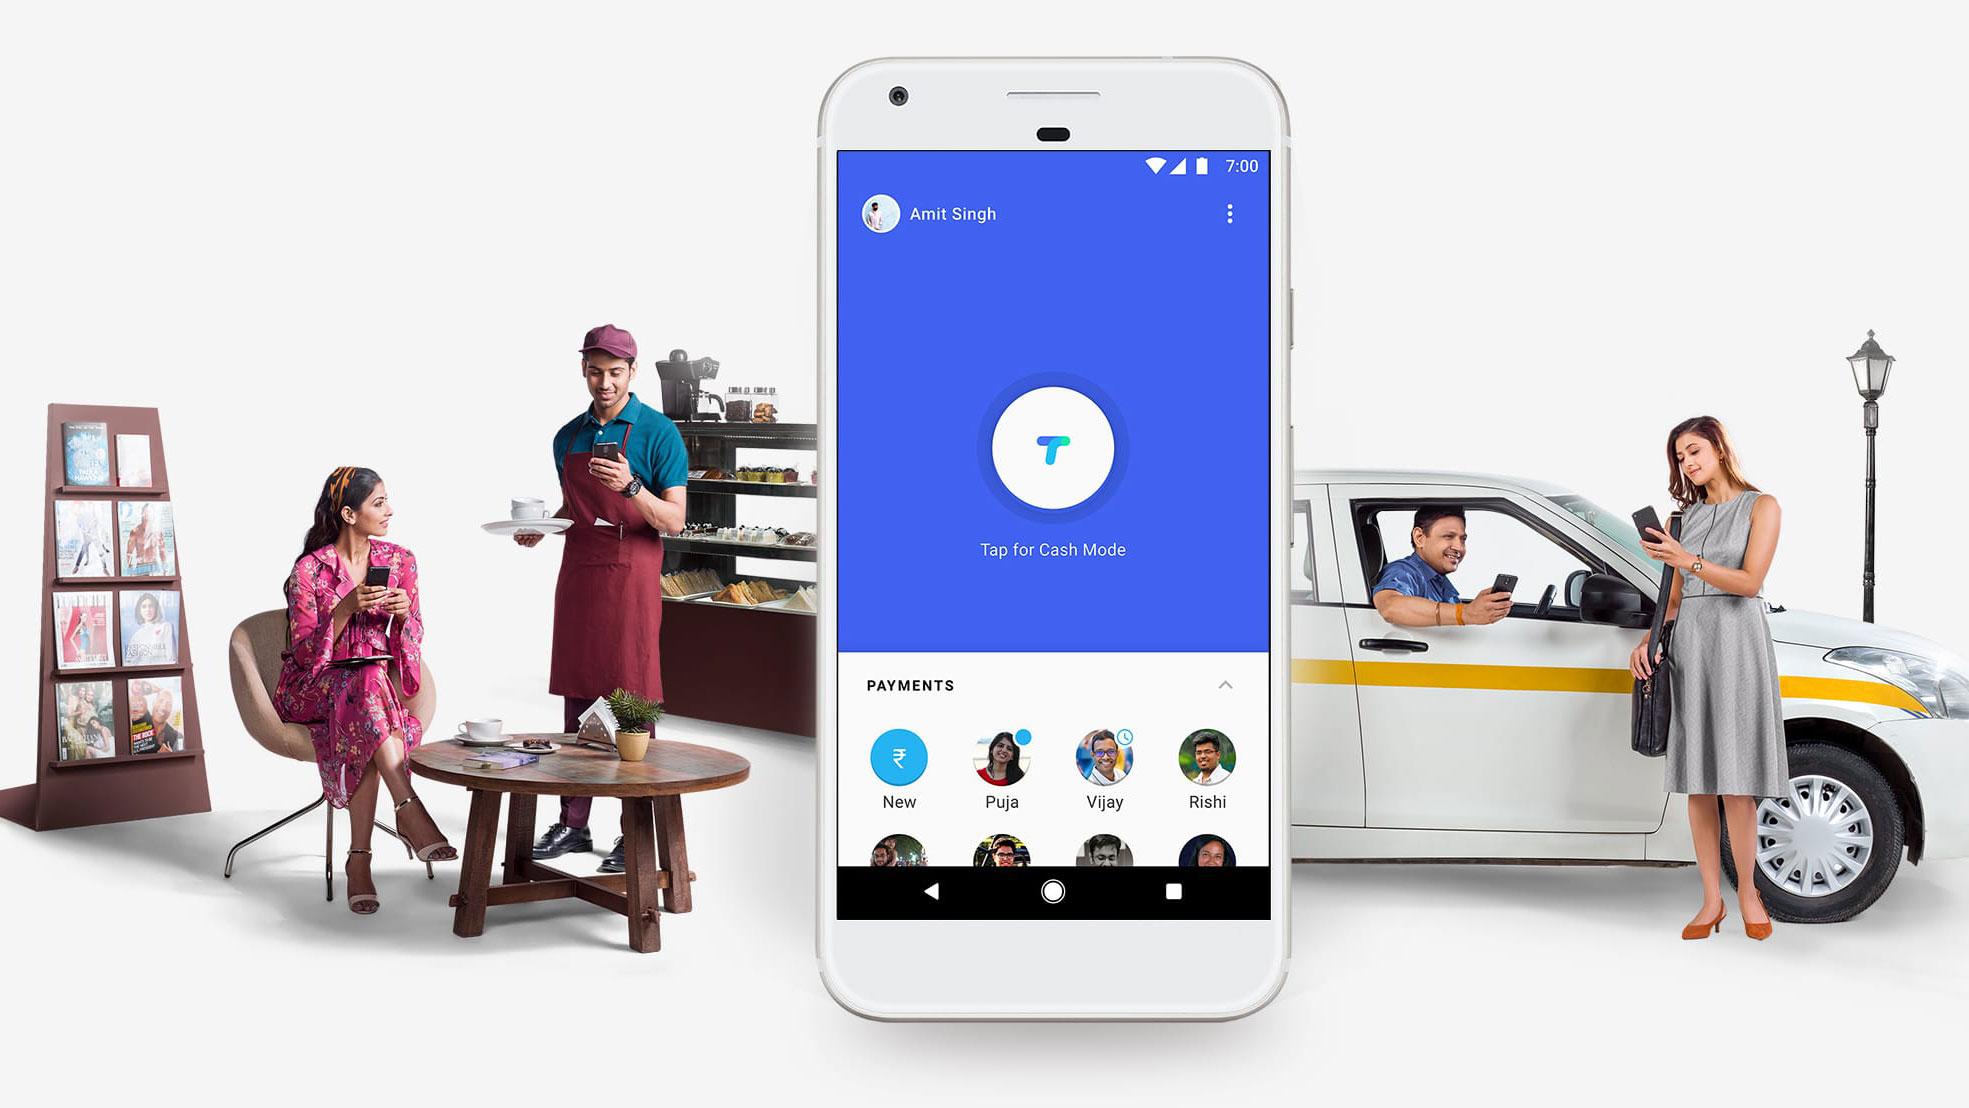 Ινδικό dating app iPhone